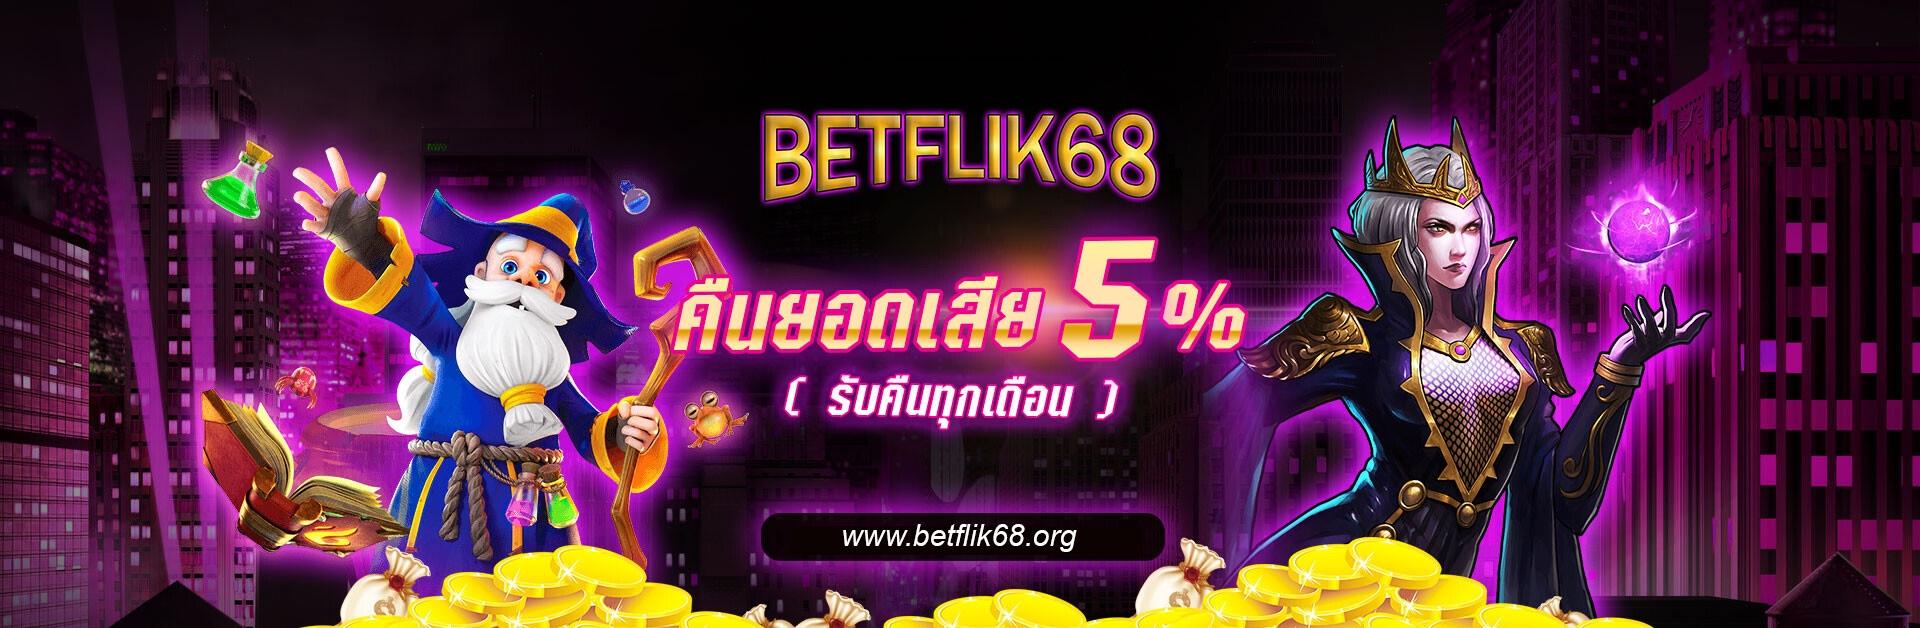 BetFlik68 (@betflik68) Cover Image